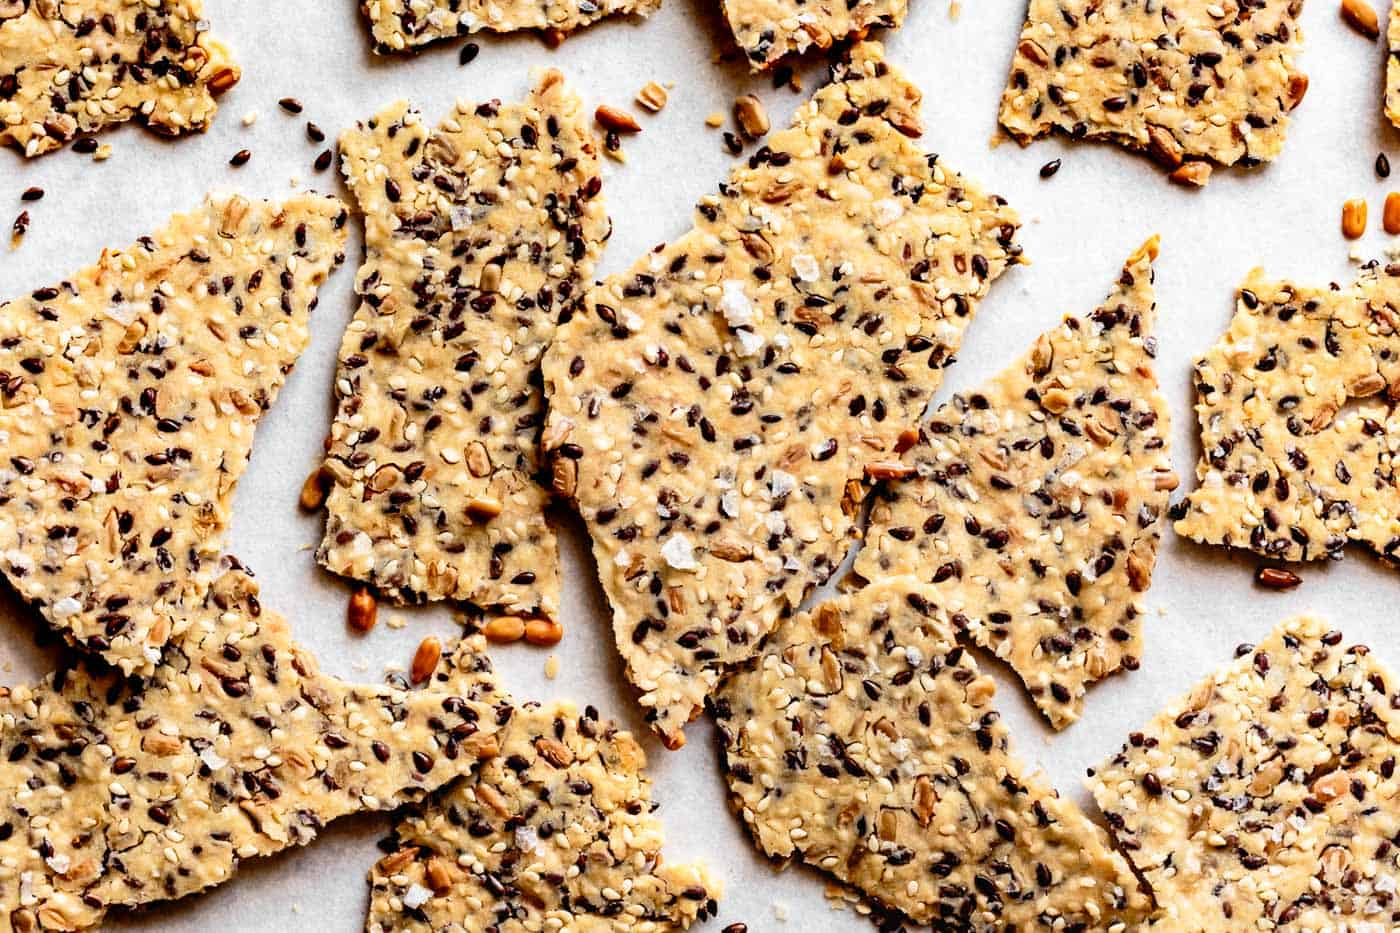 cassava crackers after baking